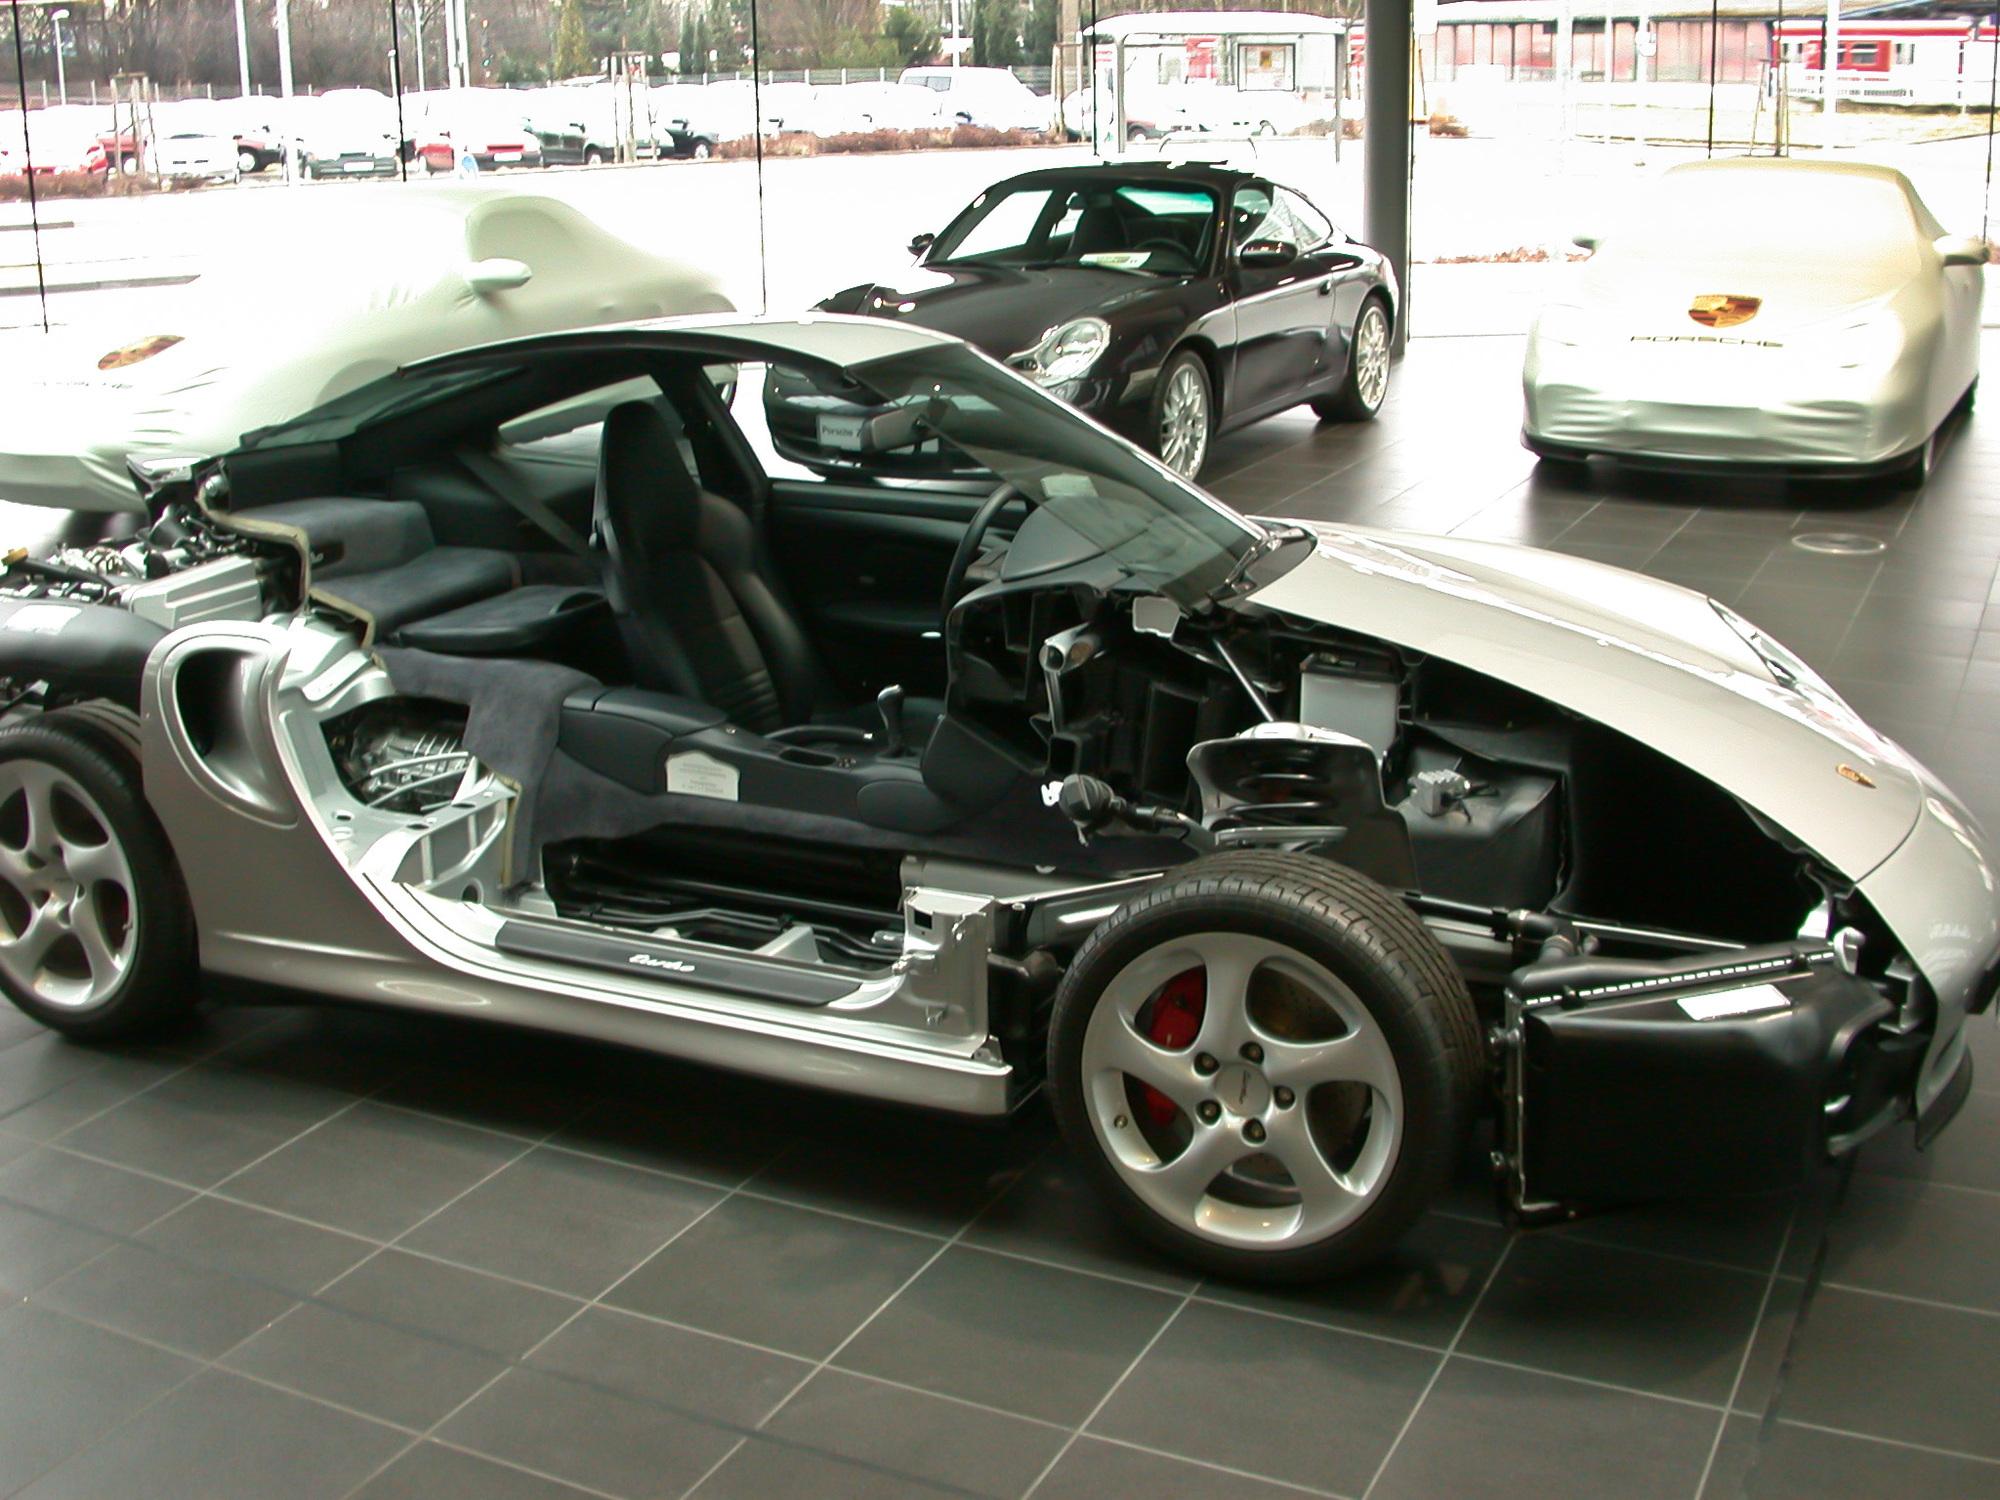 أنواع السيارات من حيث الهيكل